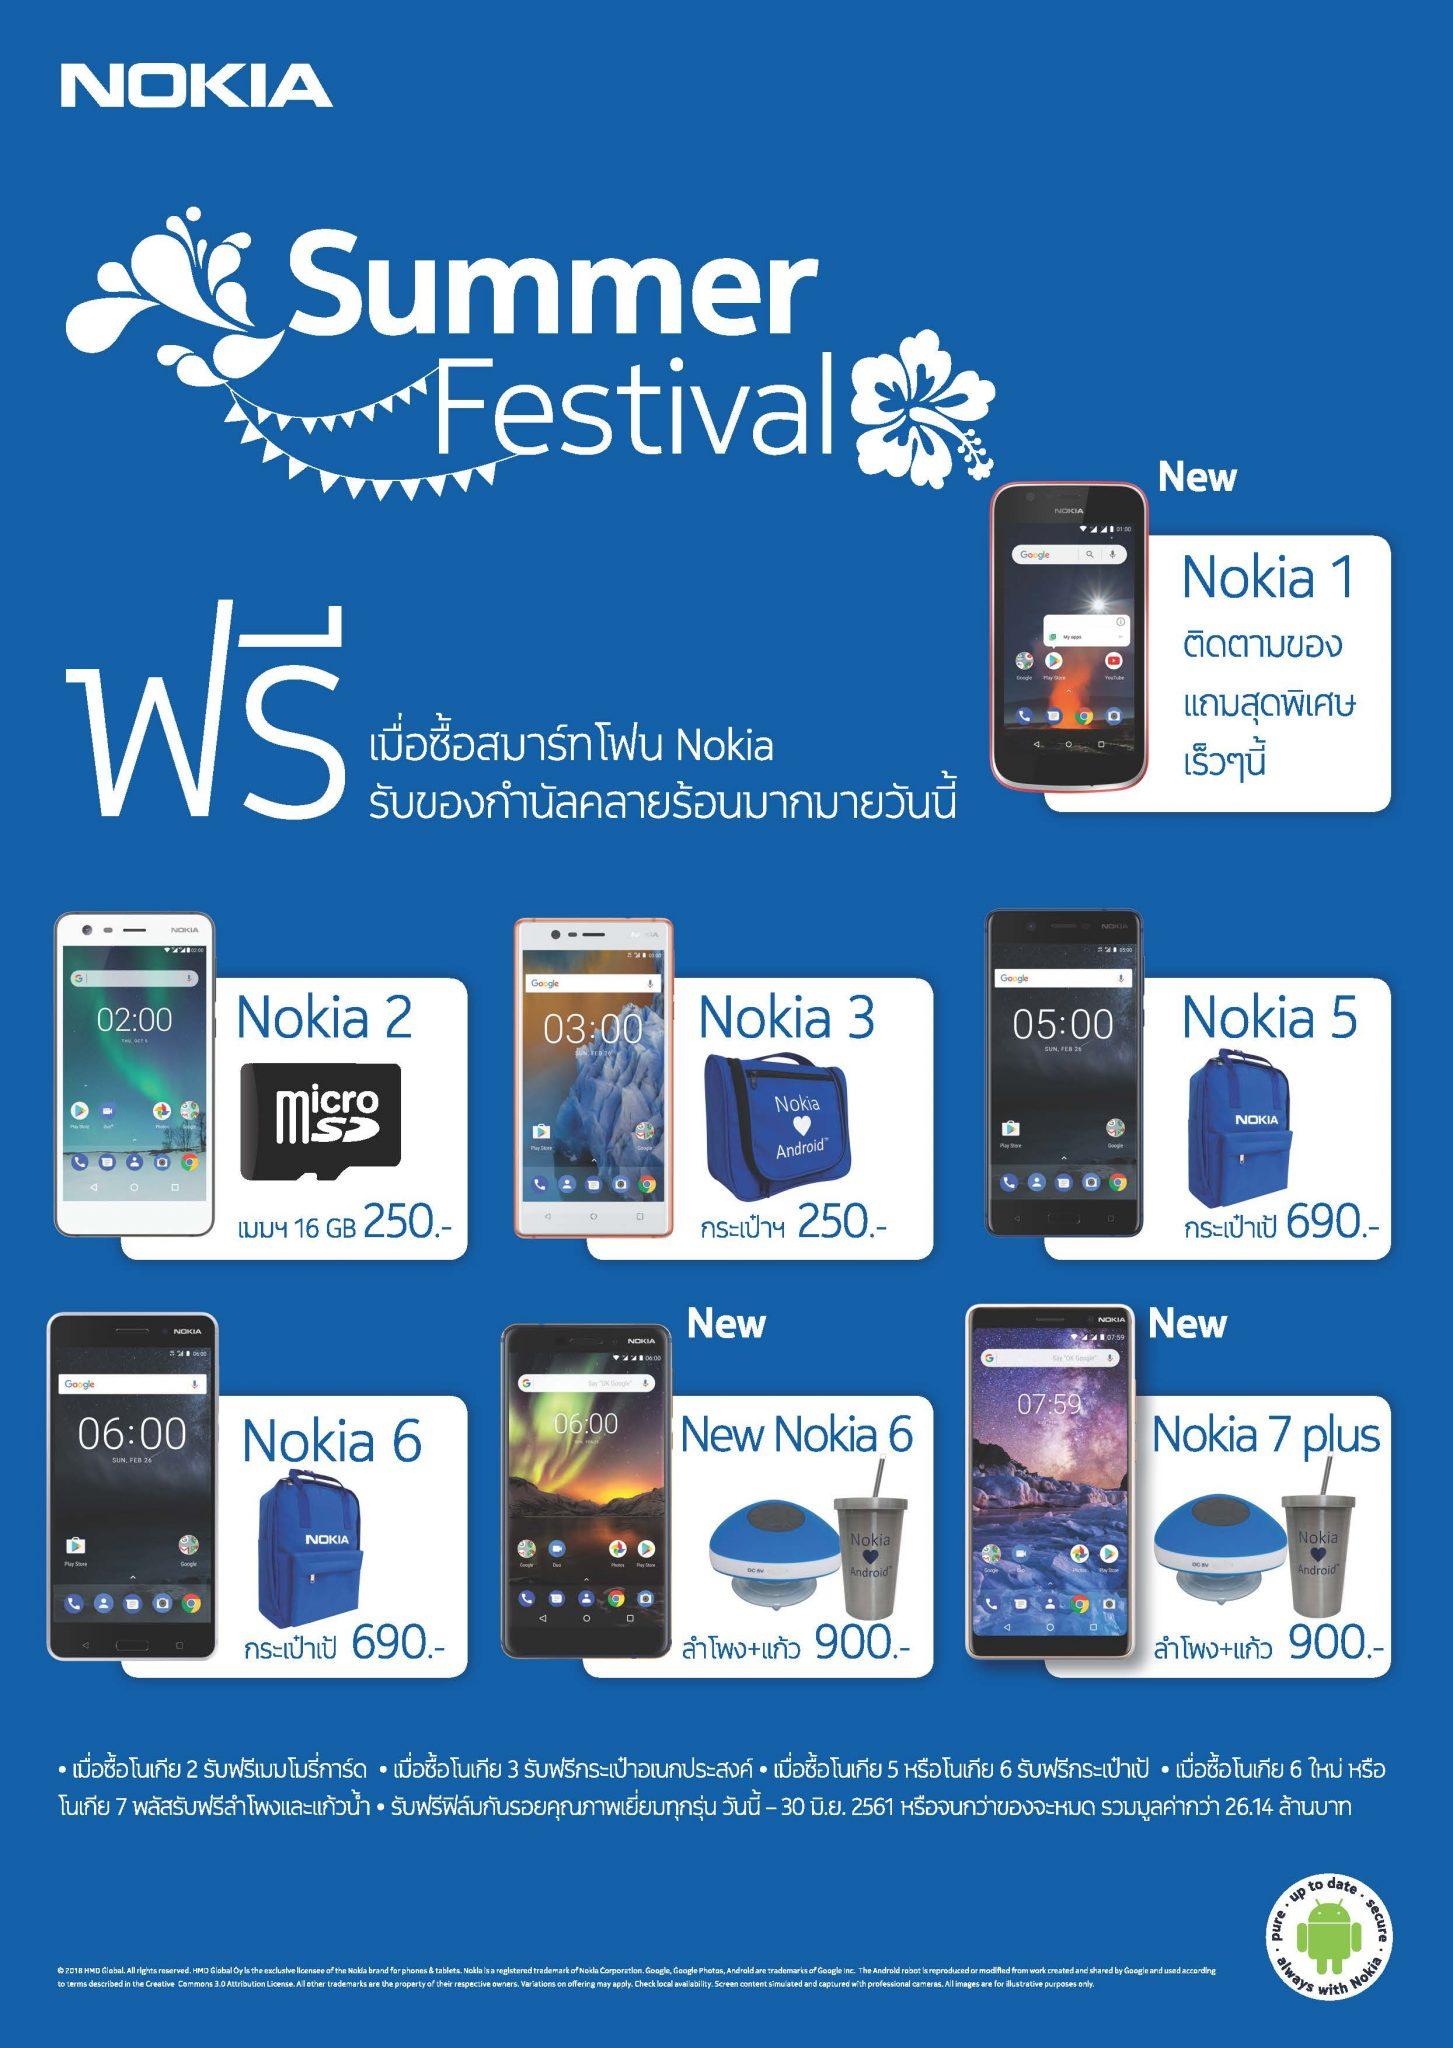 โนเกียสมาร์ทโฟนจัดโปรโมชั่นคลายร้อน Summer Festival รับของสมนาคุณมากมาย ตั้งแต่วันนี้ ถึง 30 มิถุนายน 2561